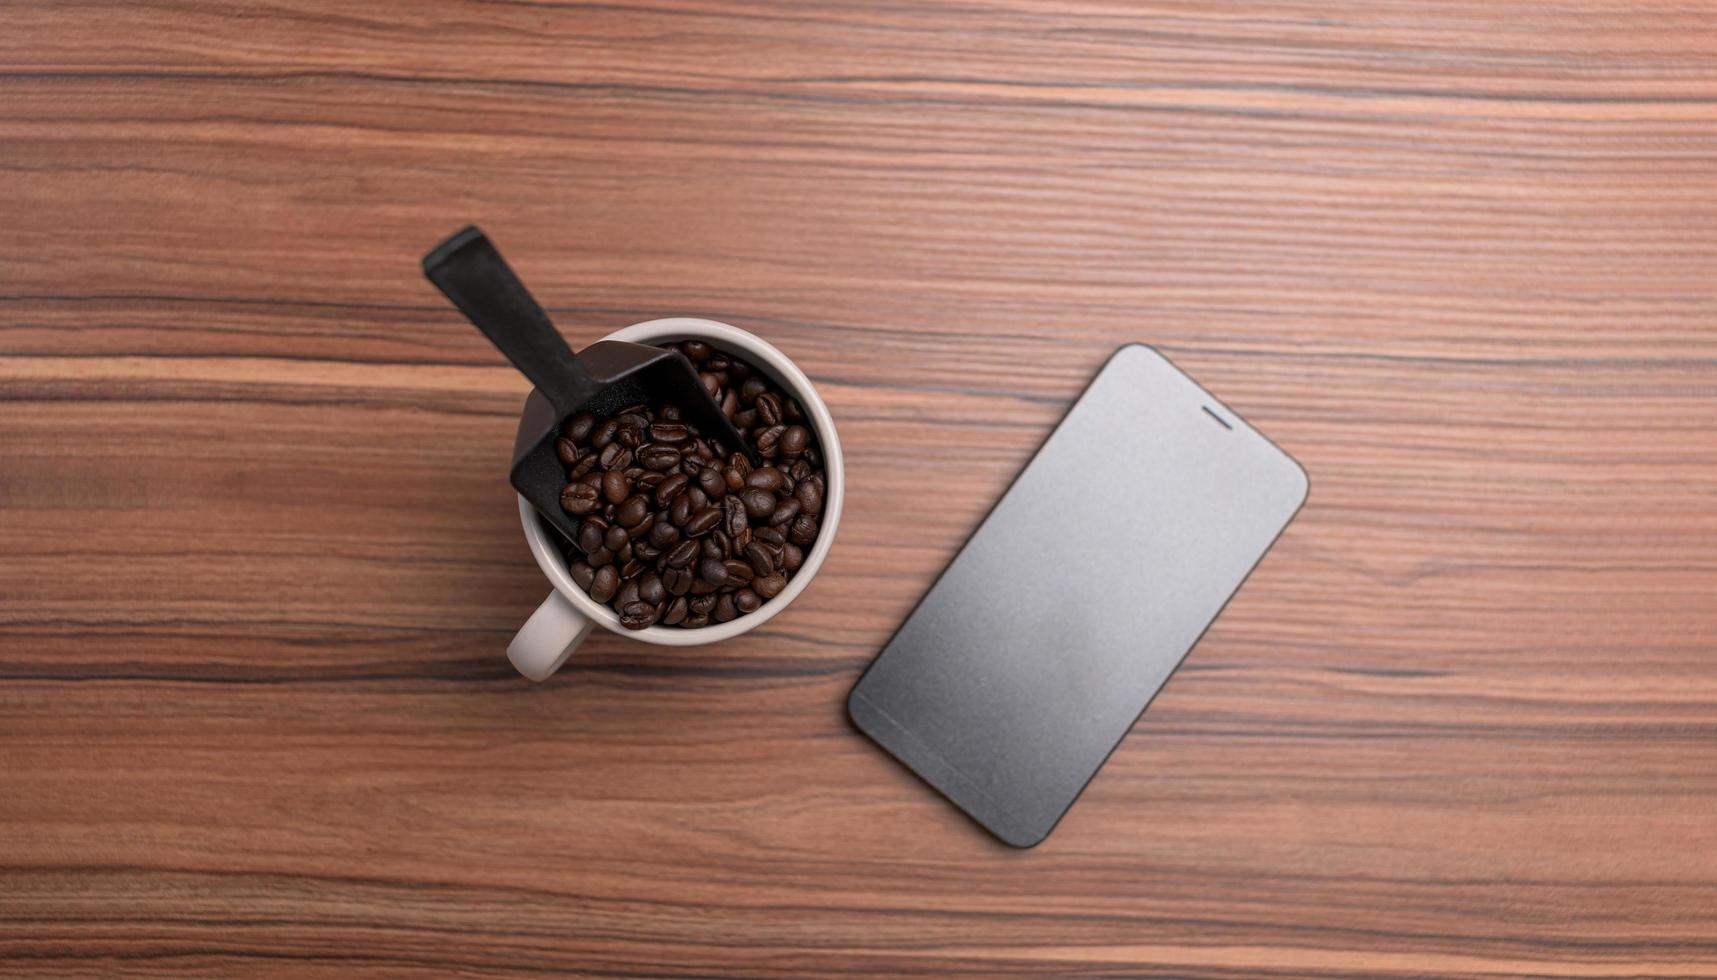 kopje koffiebonen en een telefoon staan op het bureau foto